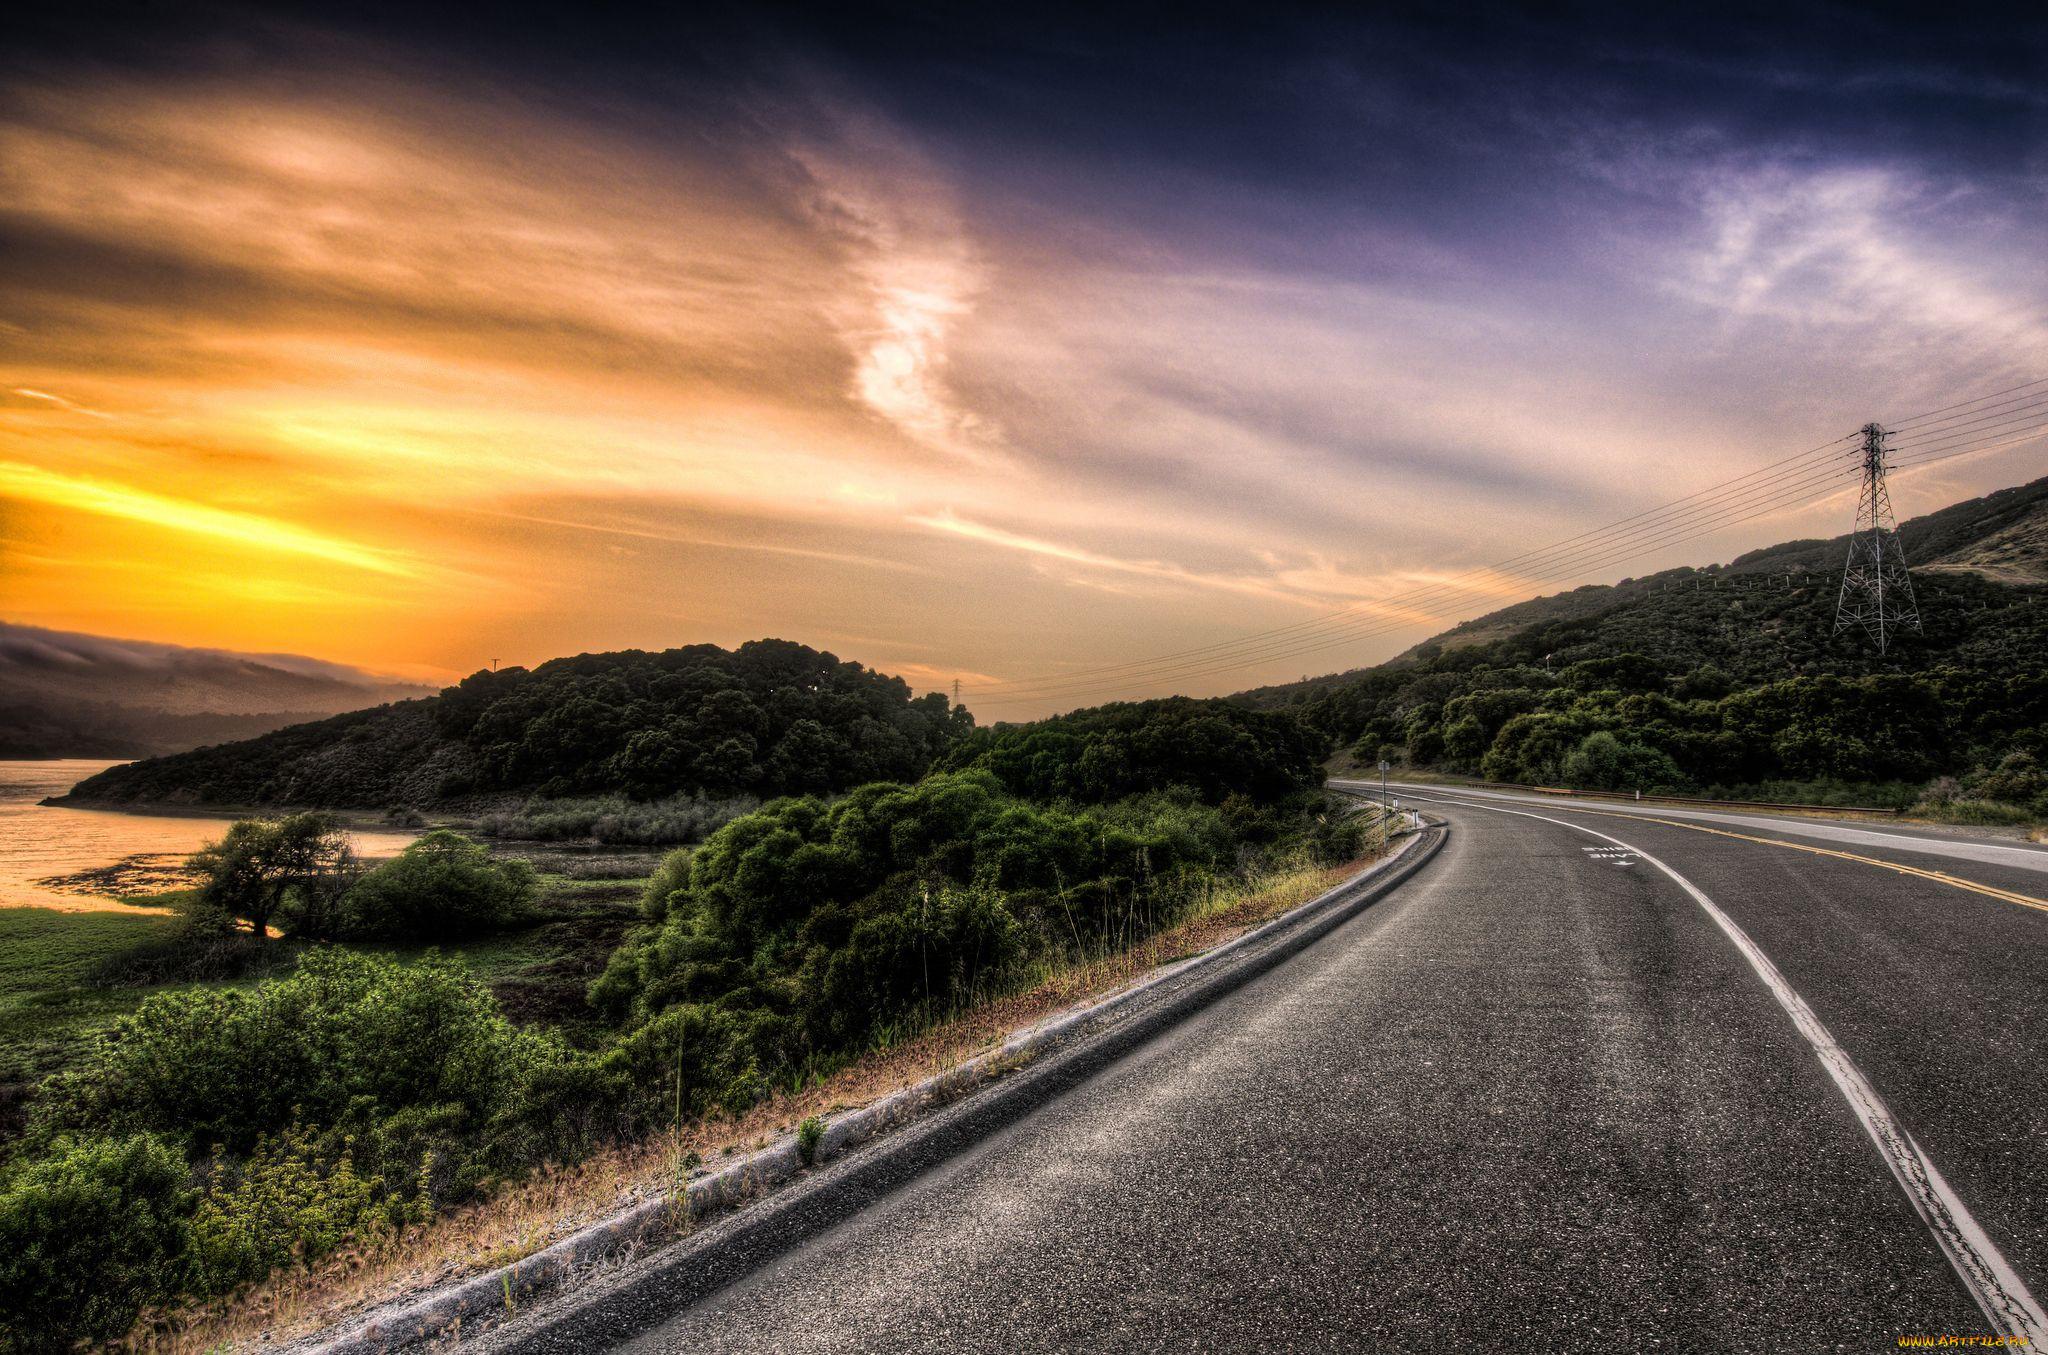 подобранные картинки и фото красивых дорог делать фотографии вашего